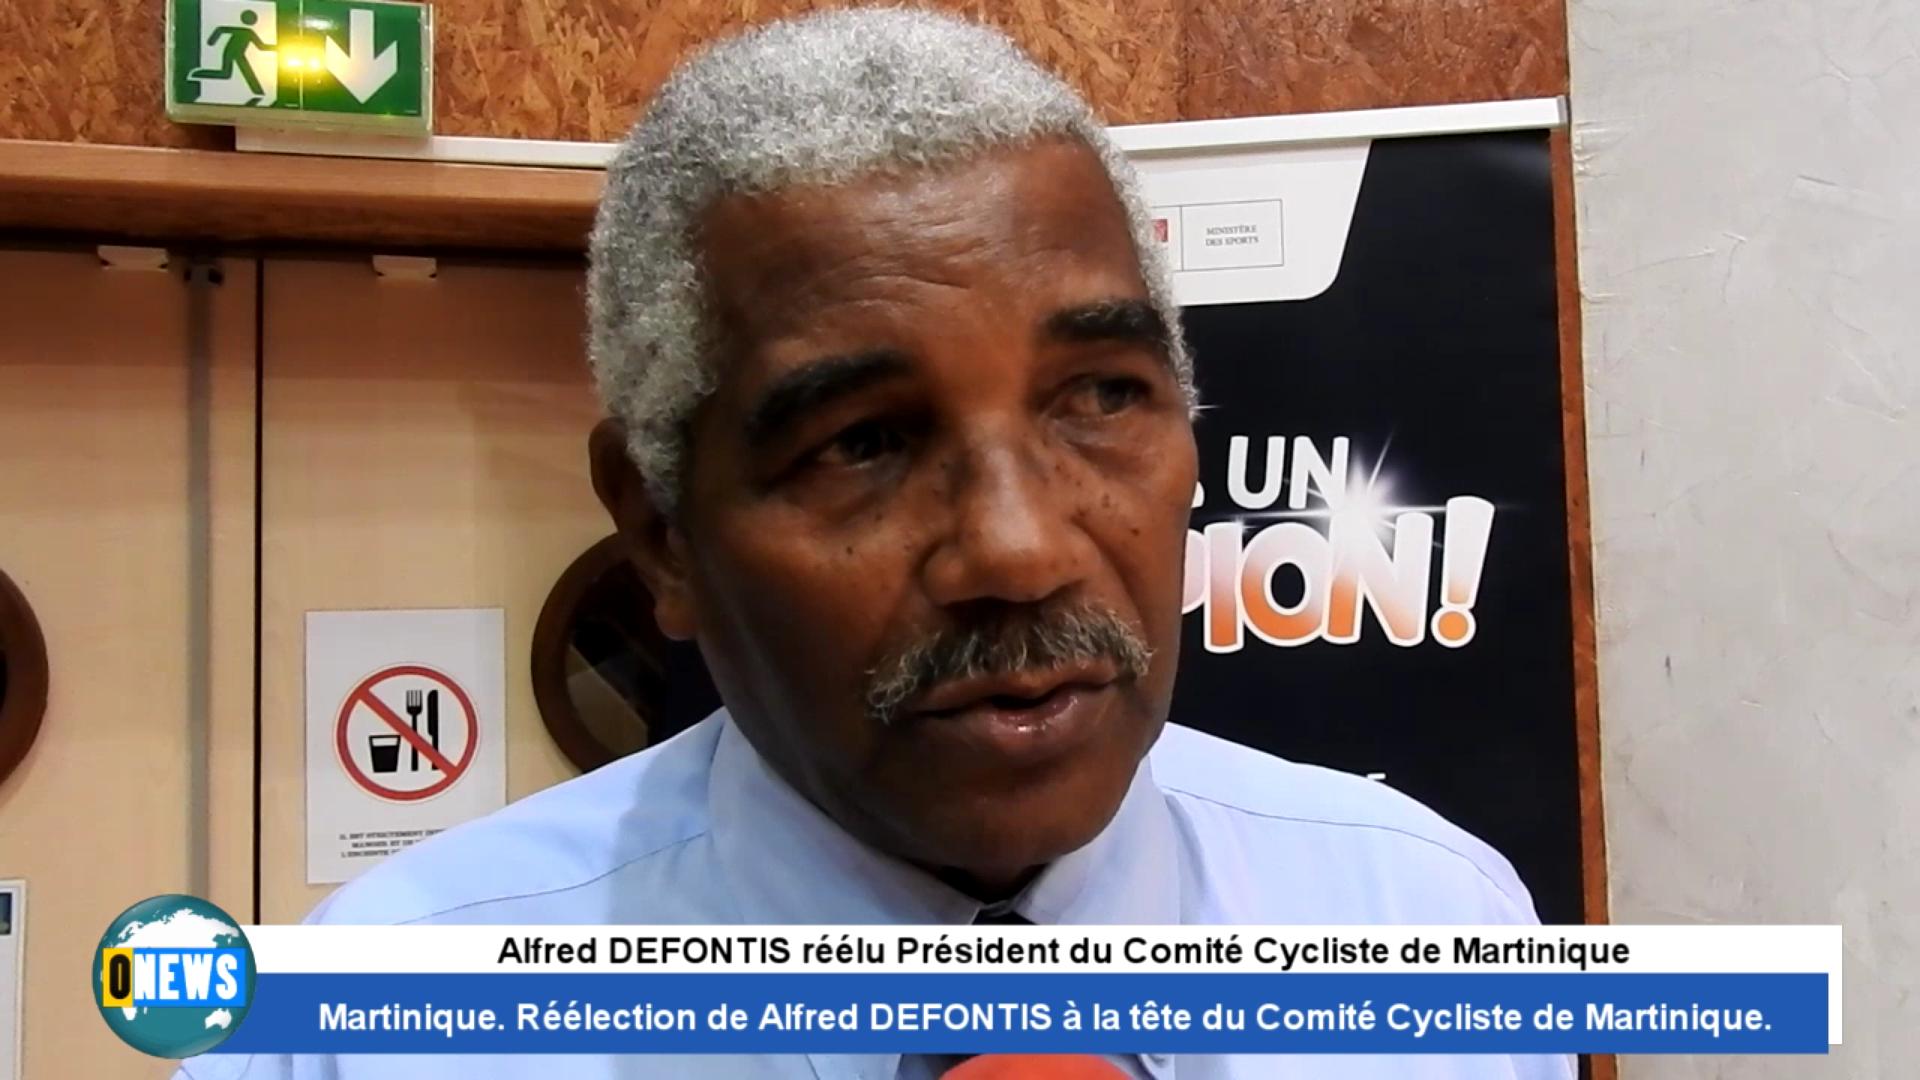 Onews Martinique. Alfred DEFONTIS Réélu Président du Comité Cycliste de Martinique